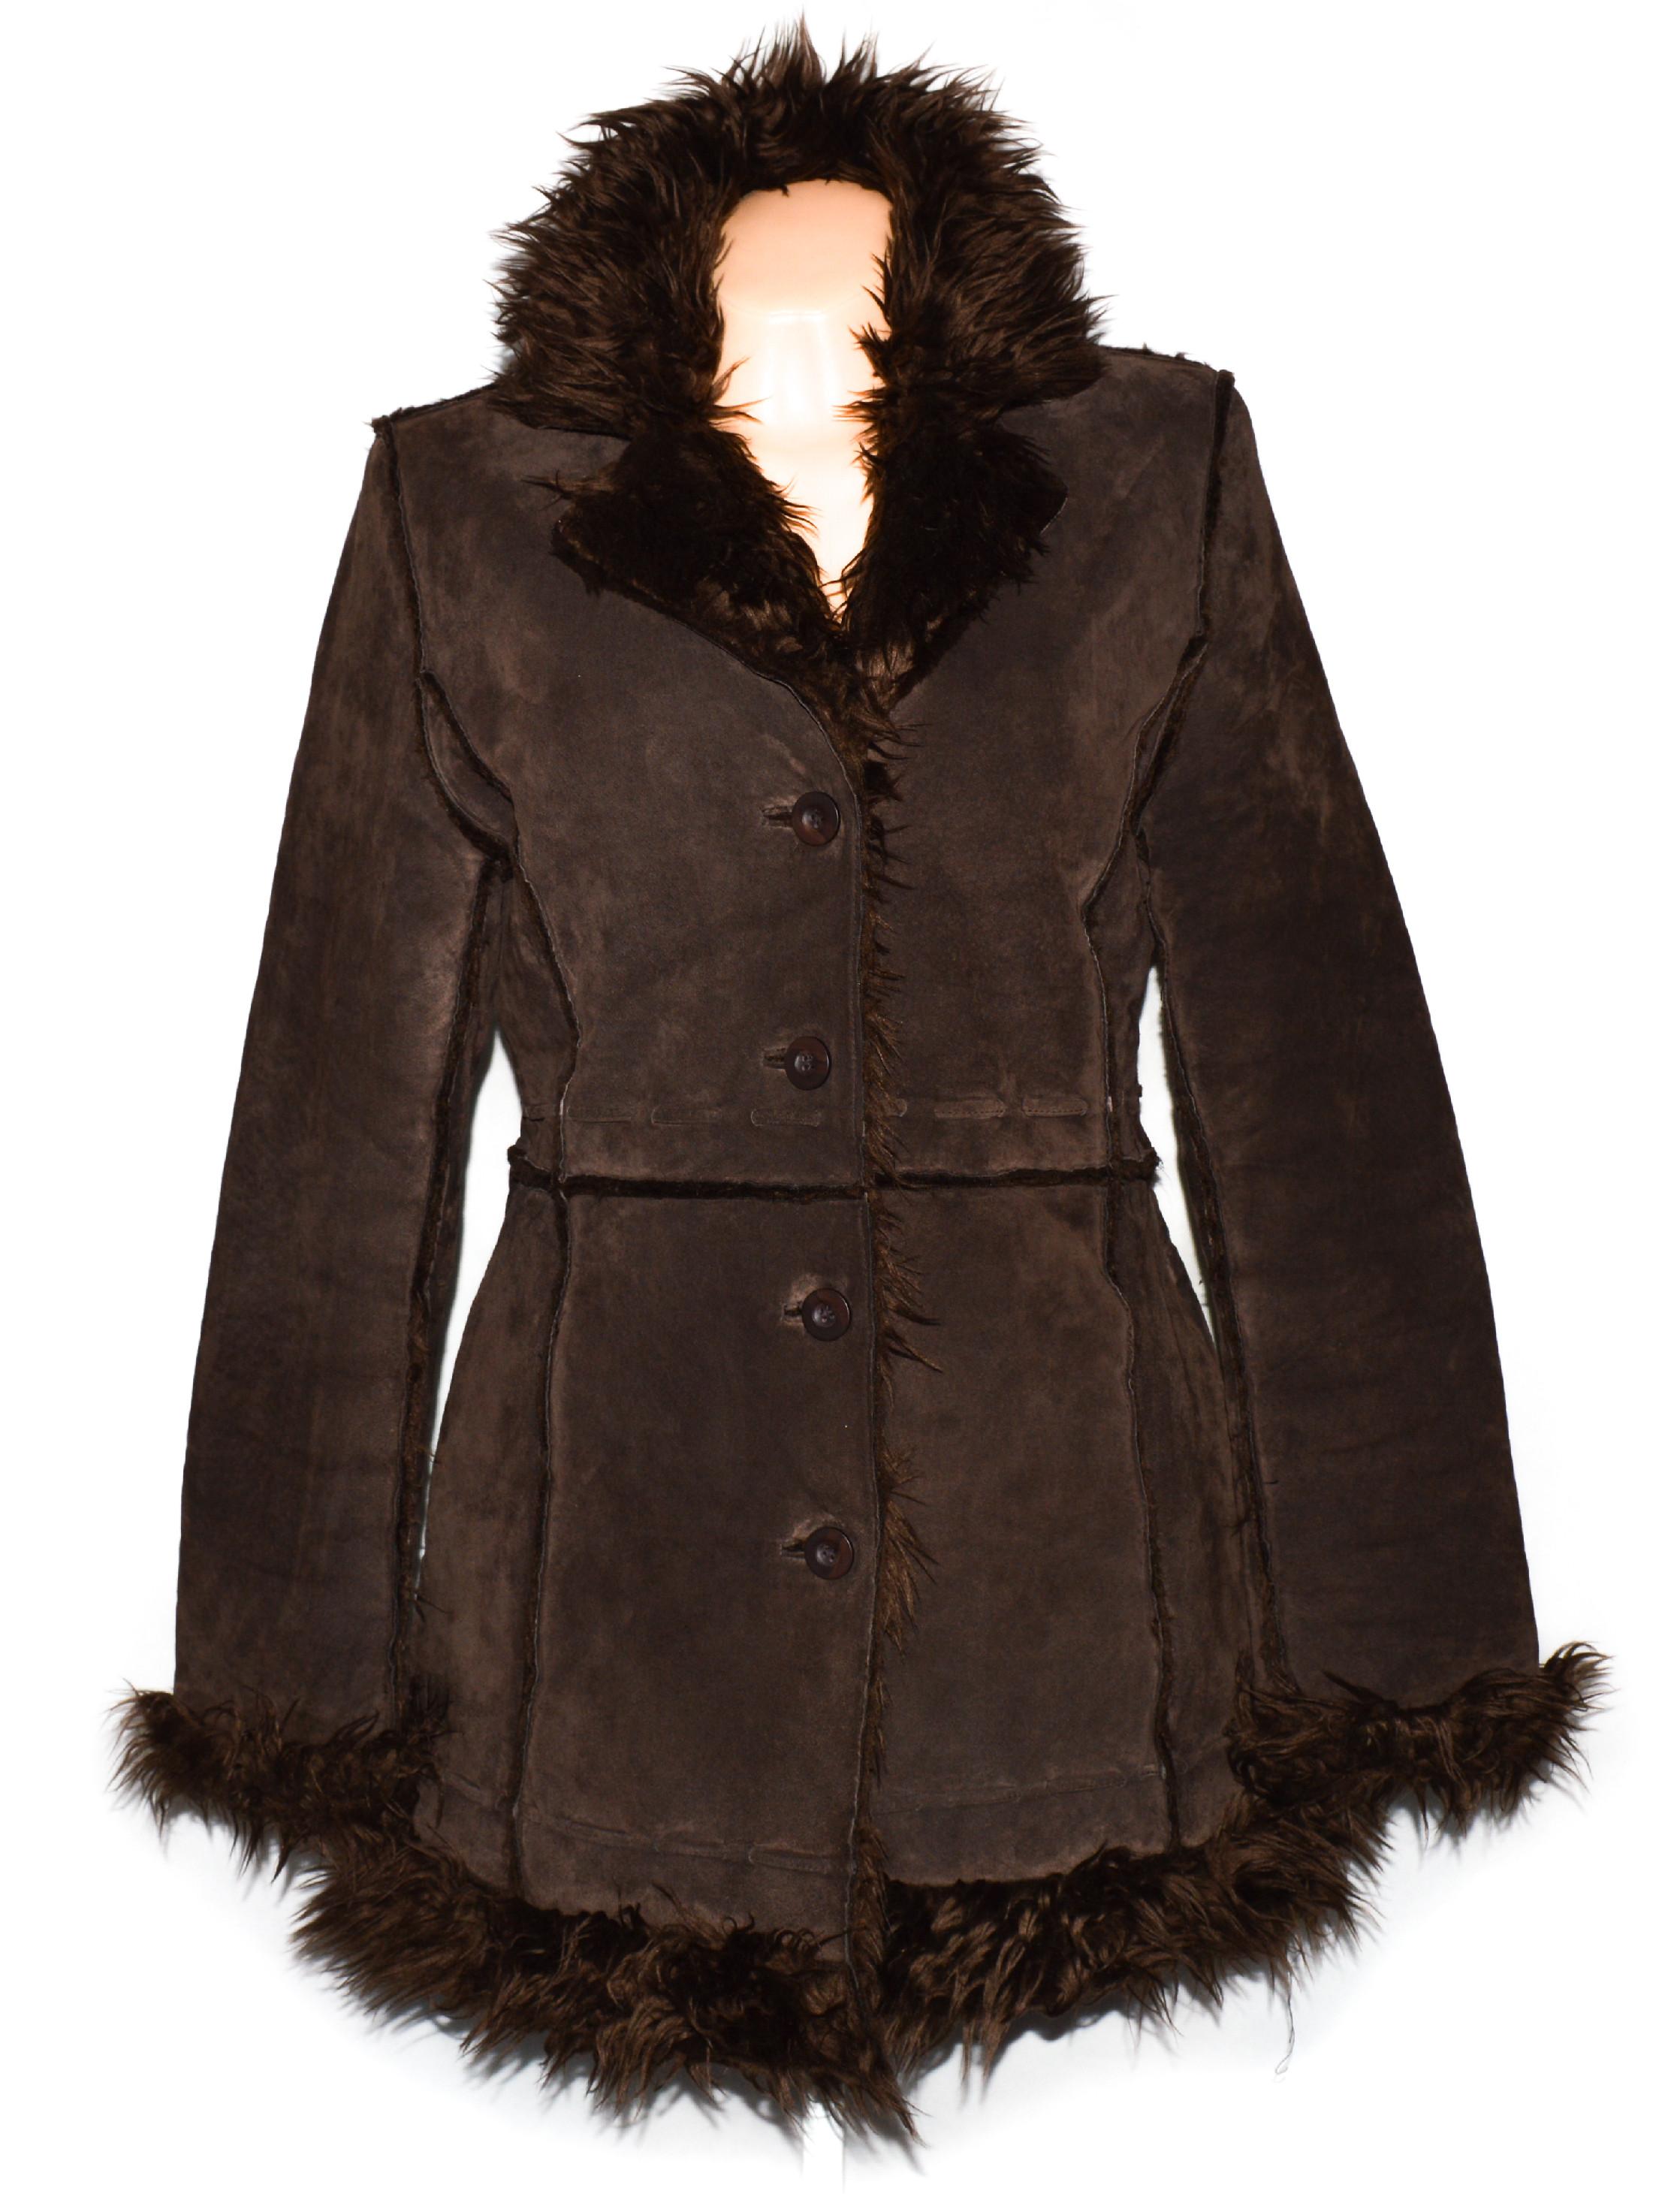 KOŽENÝ dámský hnědý broušený kabát s kožíškem Authentic 38